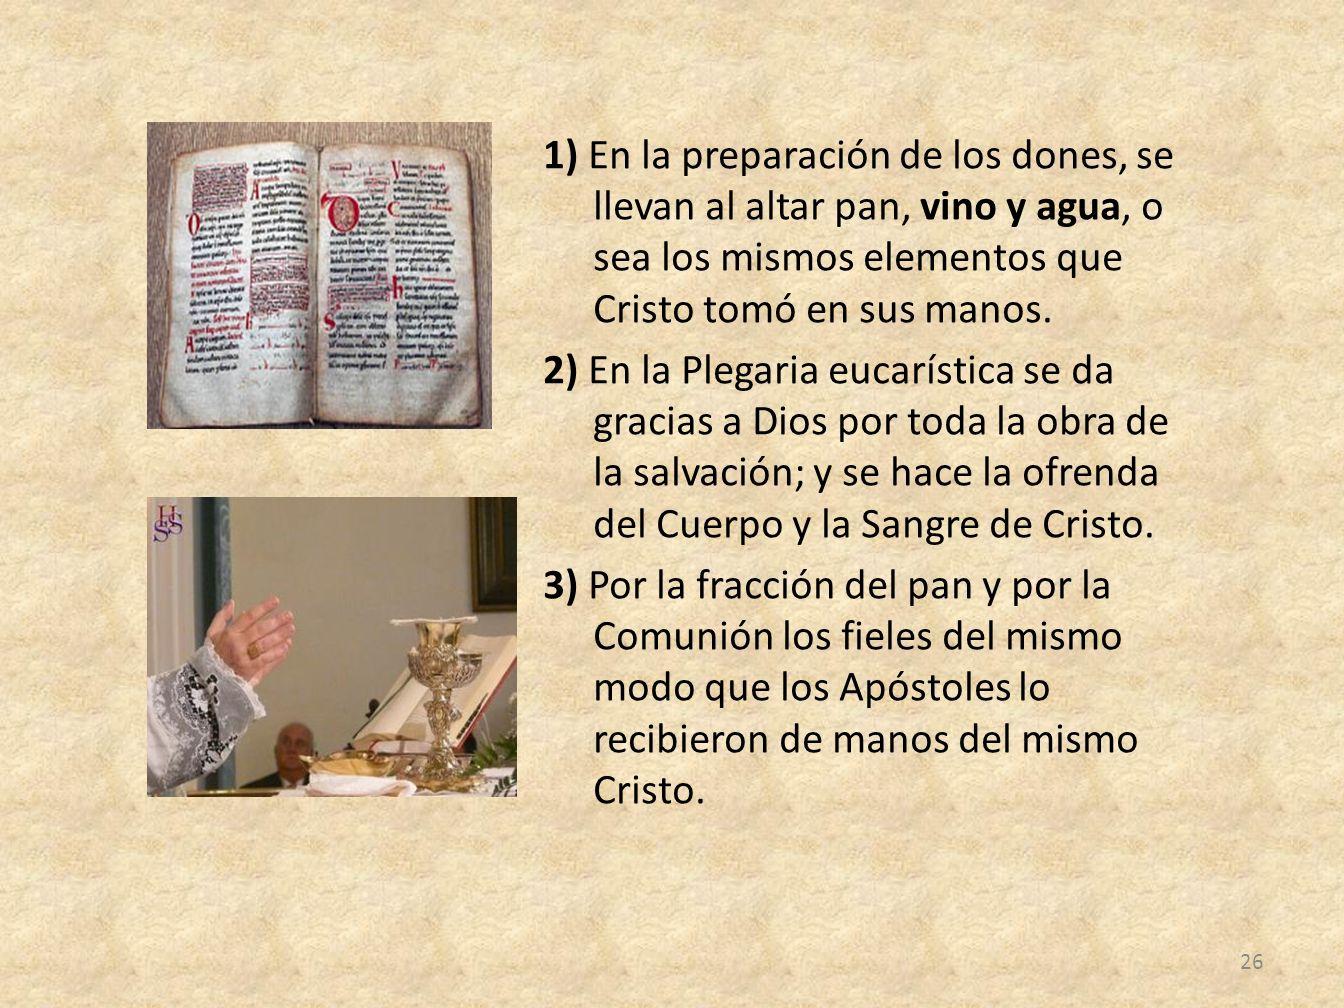 1) En la preparación de los dones, se llevan al altar pan, vino y agua, o sea los mismos elementos que Cristo tomó en sus manos. 2) En la Plegaria euc